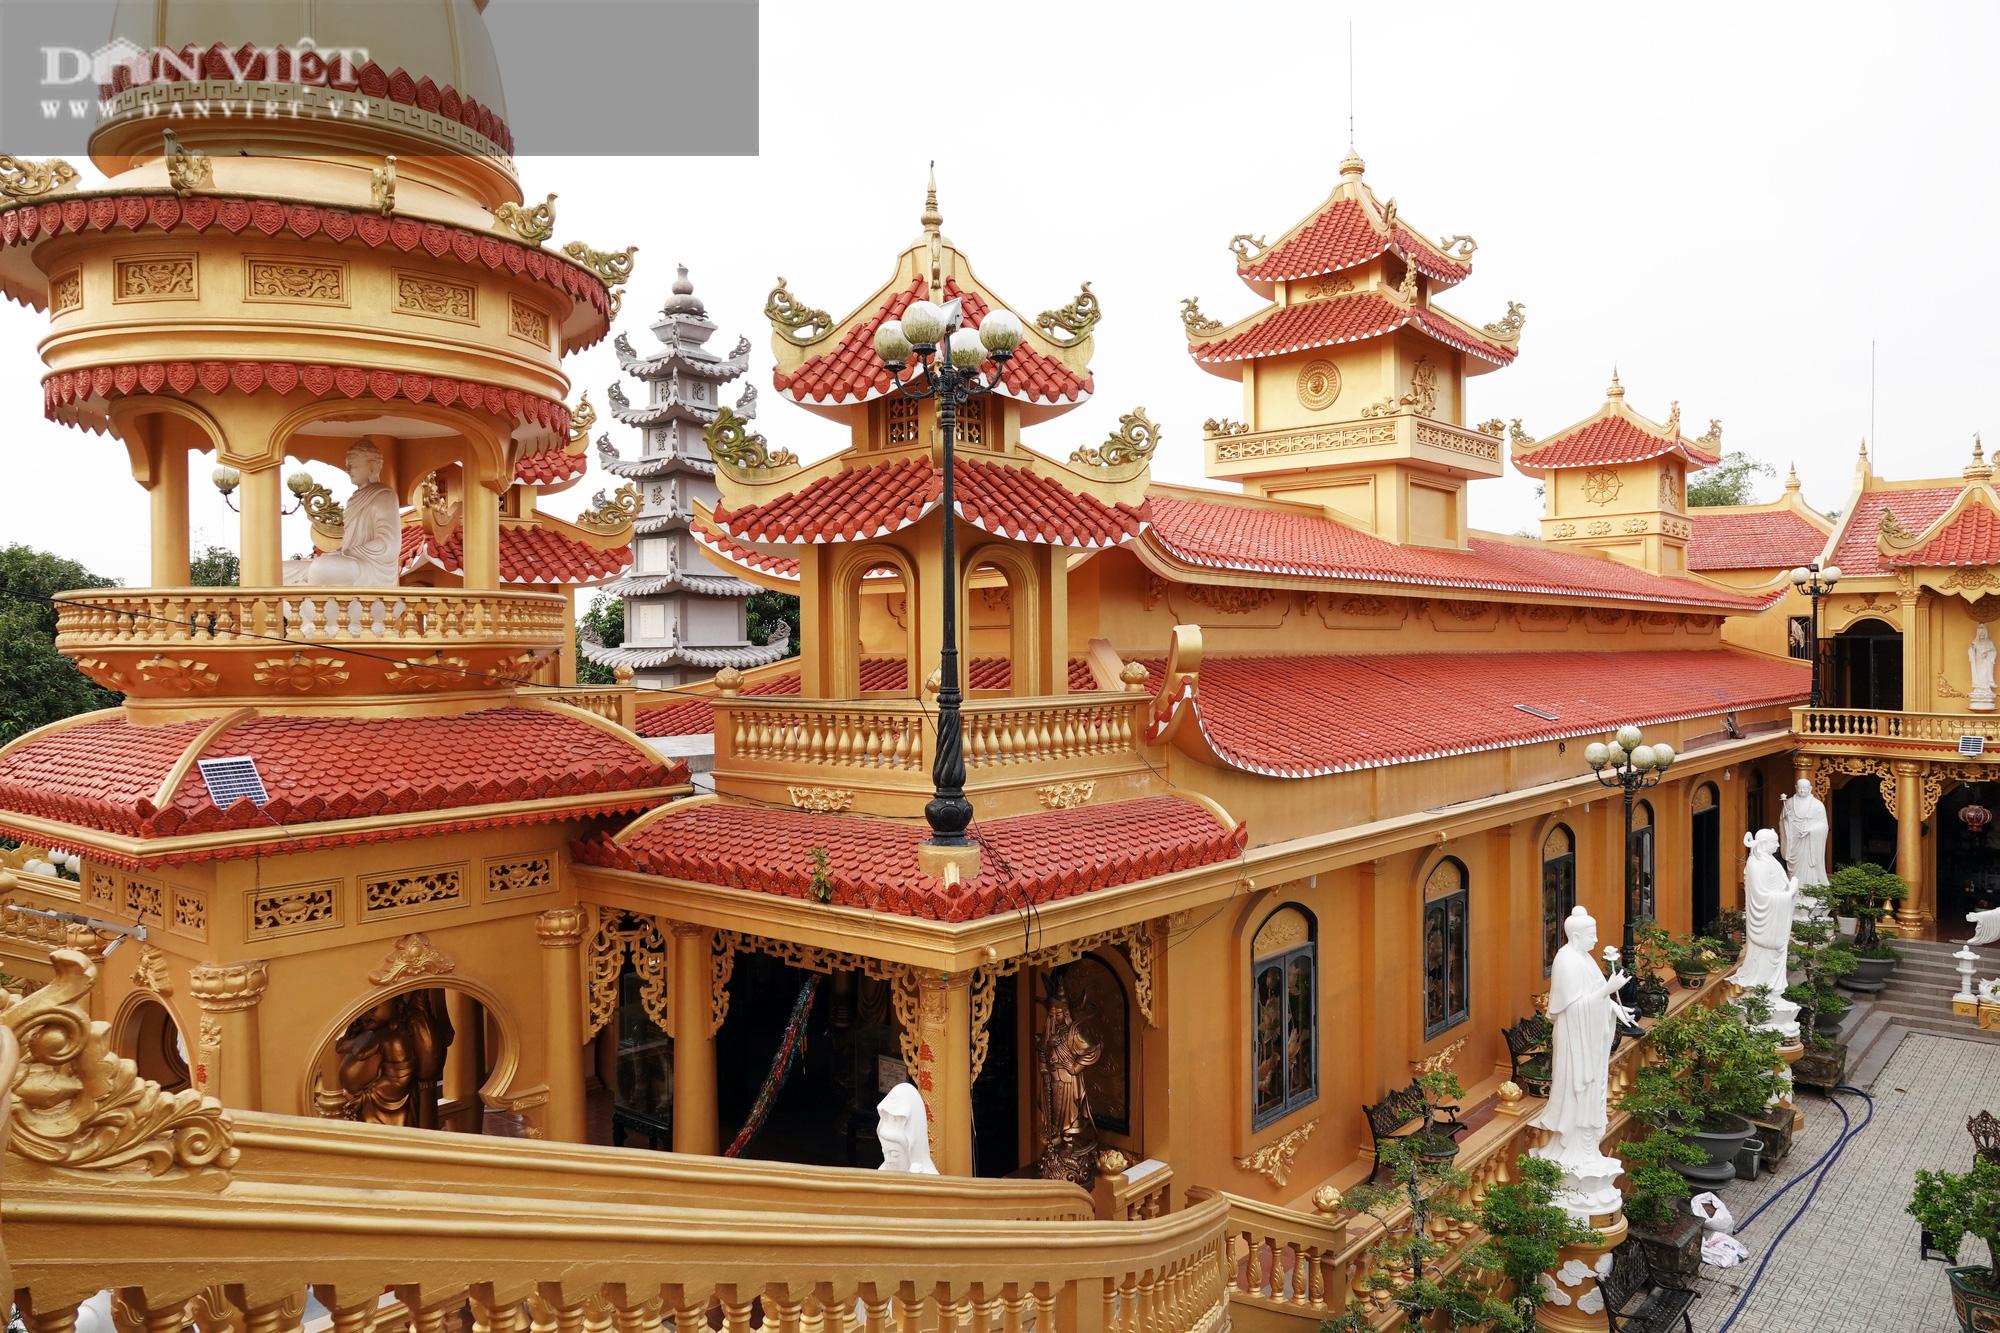 Ngôi chùa ở Cù Lao Giêng với quần thể tượng Phật đạt kỷ lục Việt Nam có gì đặc biệt? - Ảnh 4.